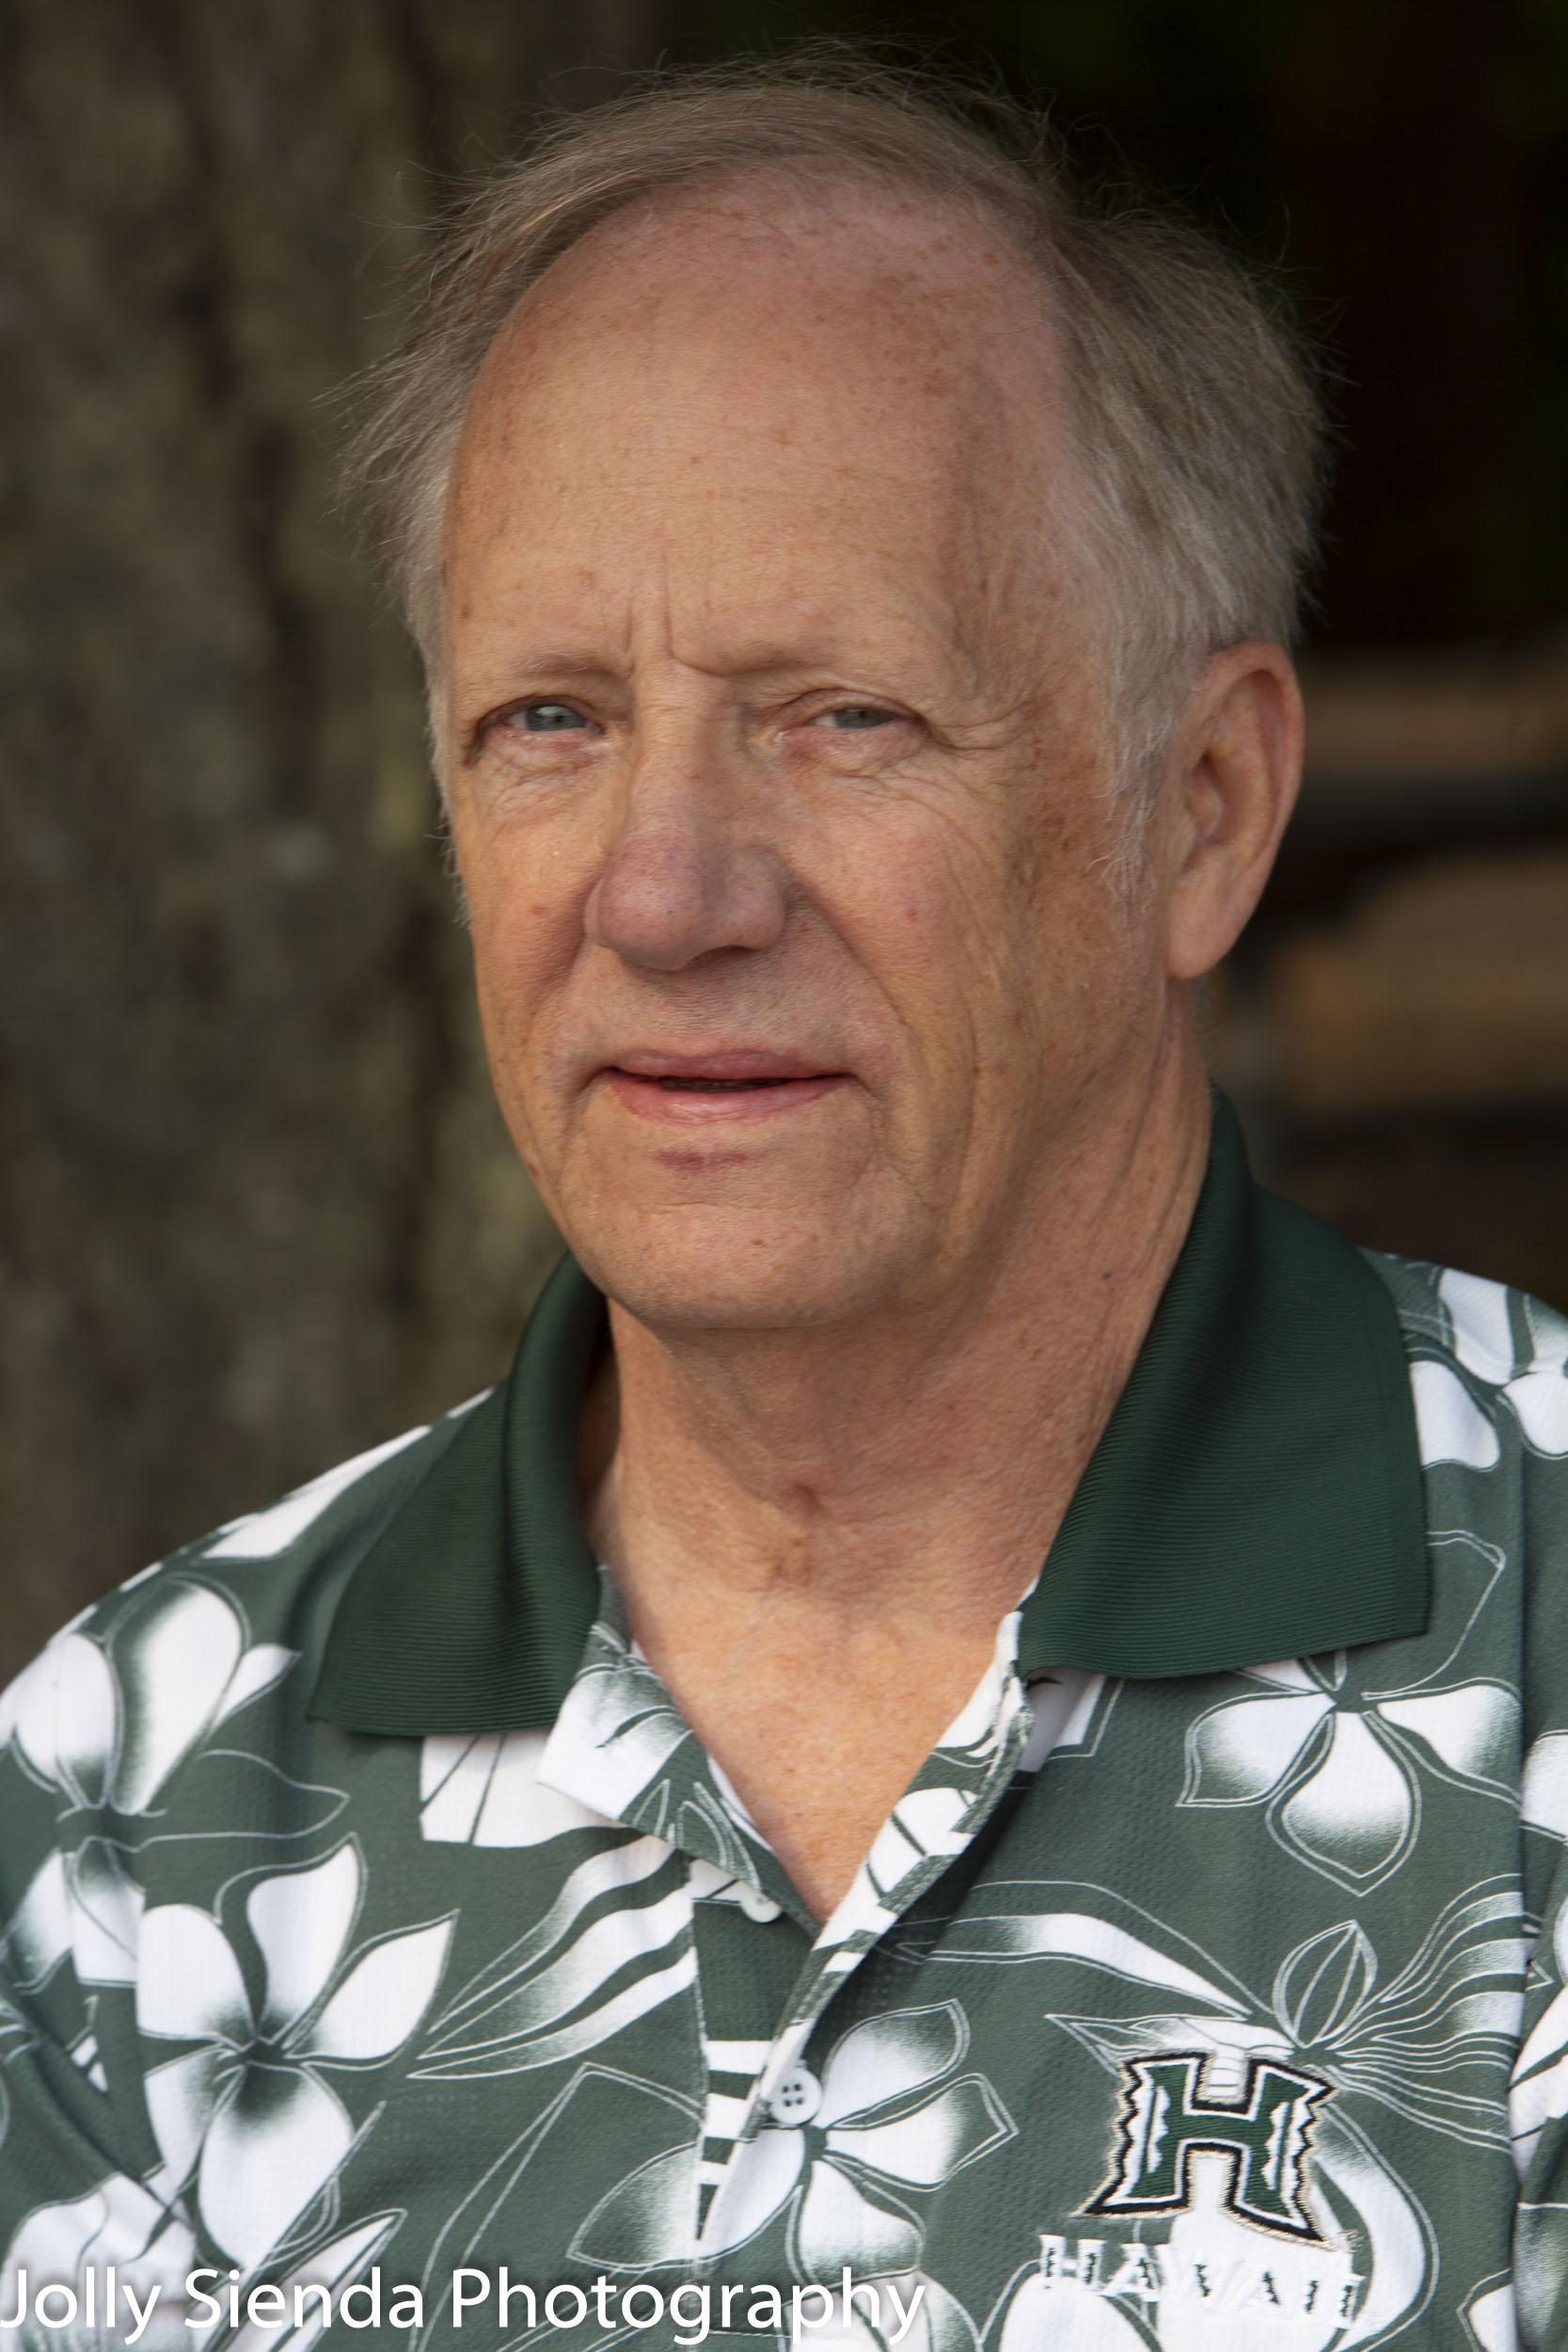 Ron Jenson, Business portrait photographer